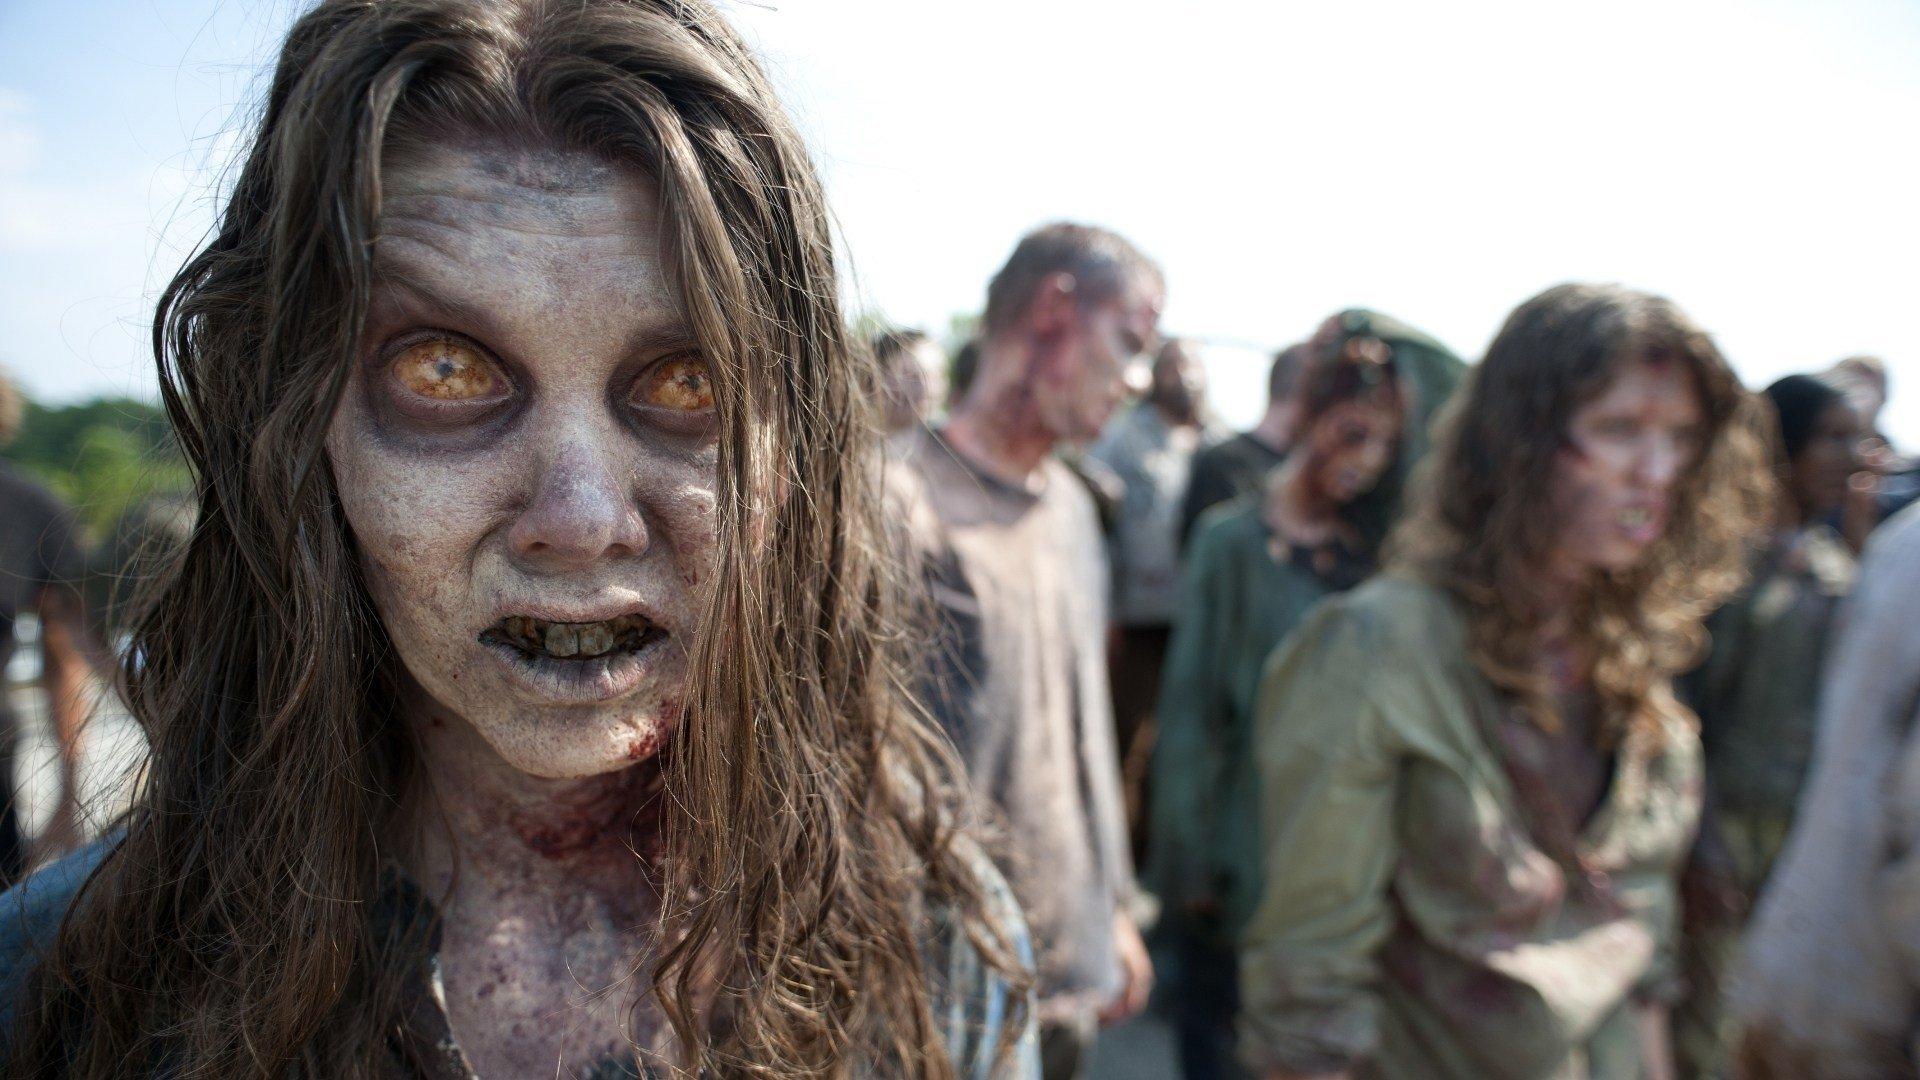 фото из ходячих мертвецов зомби